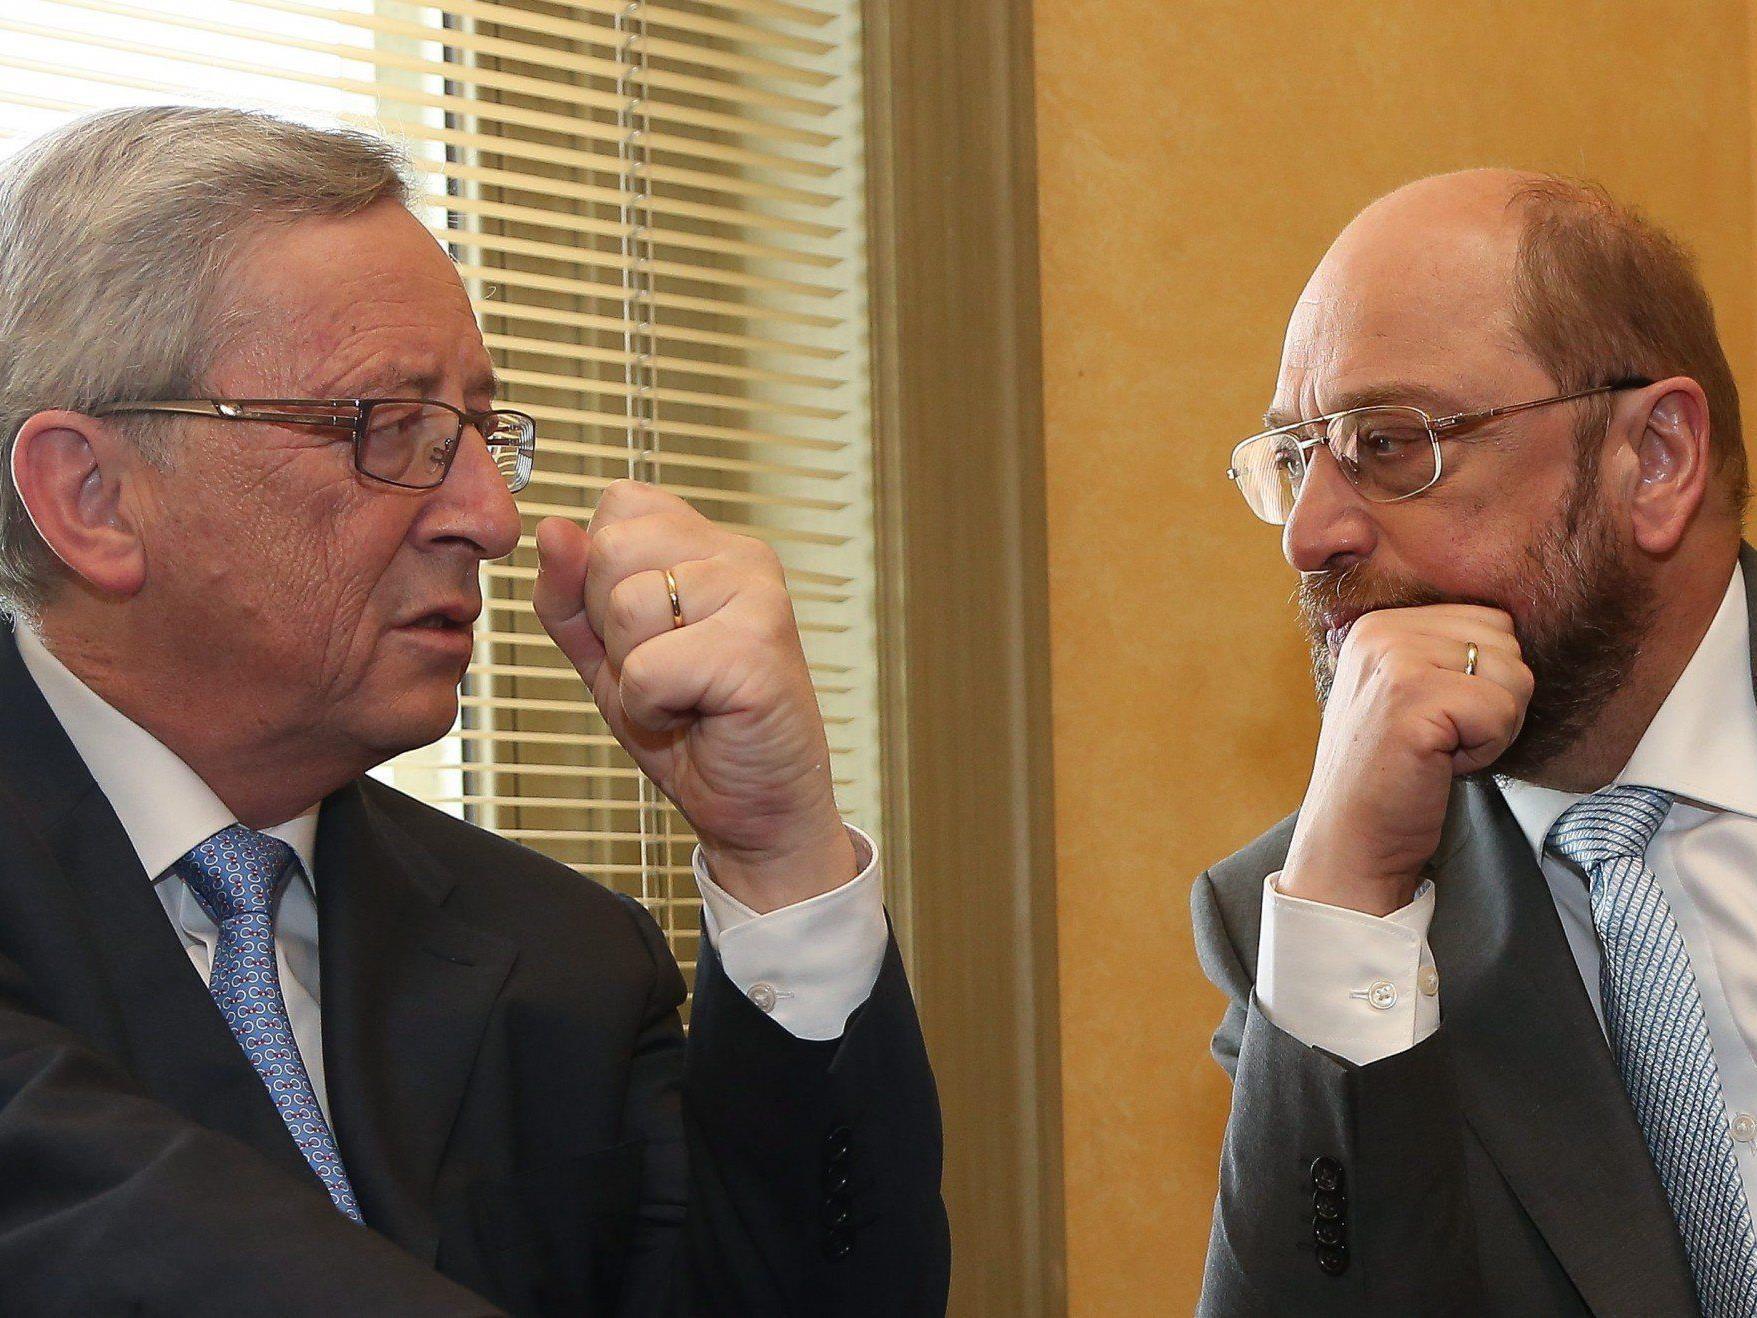 Mit Juncker und Schulz stehen sich zwei politische Schwergewichte gegenüber, wie sie unterschiedlicher nicht sein könnten..